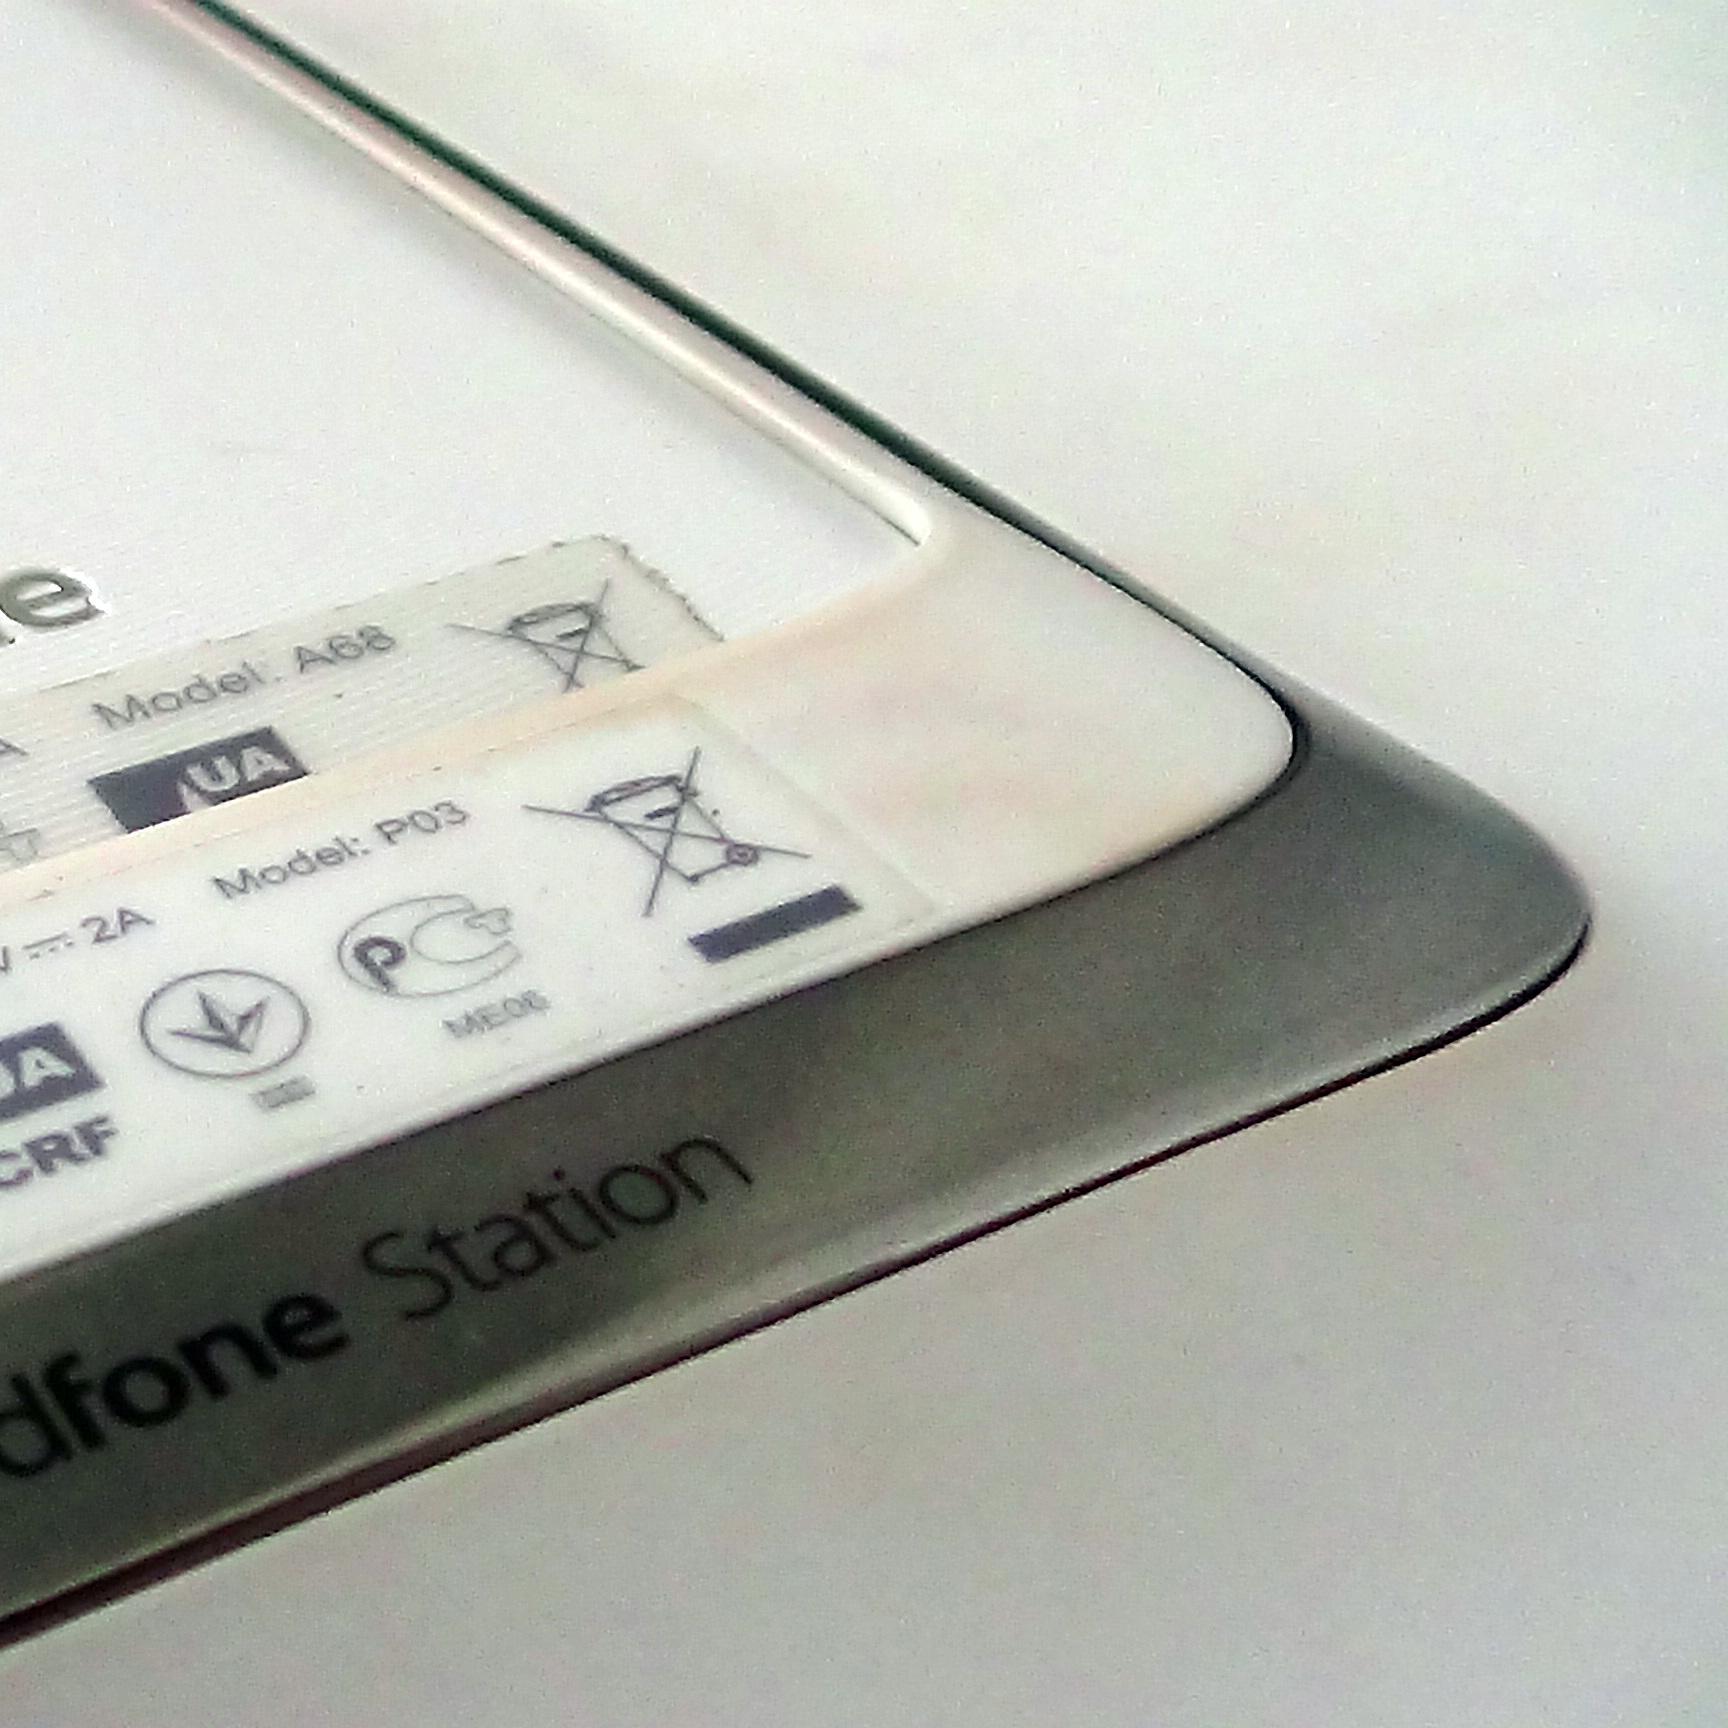 При использовании станции, хорошо видна разница поверхности устройств.